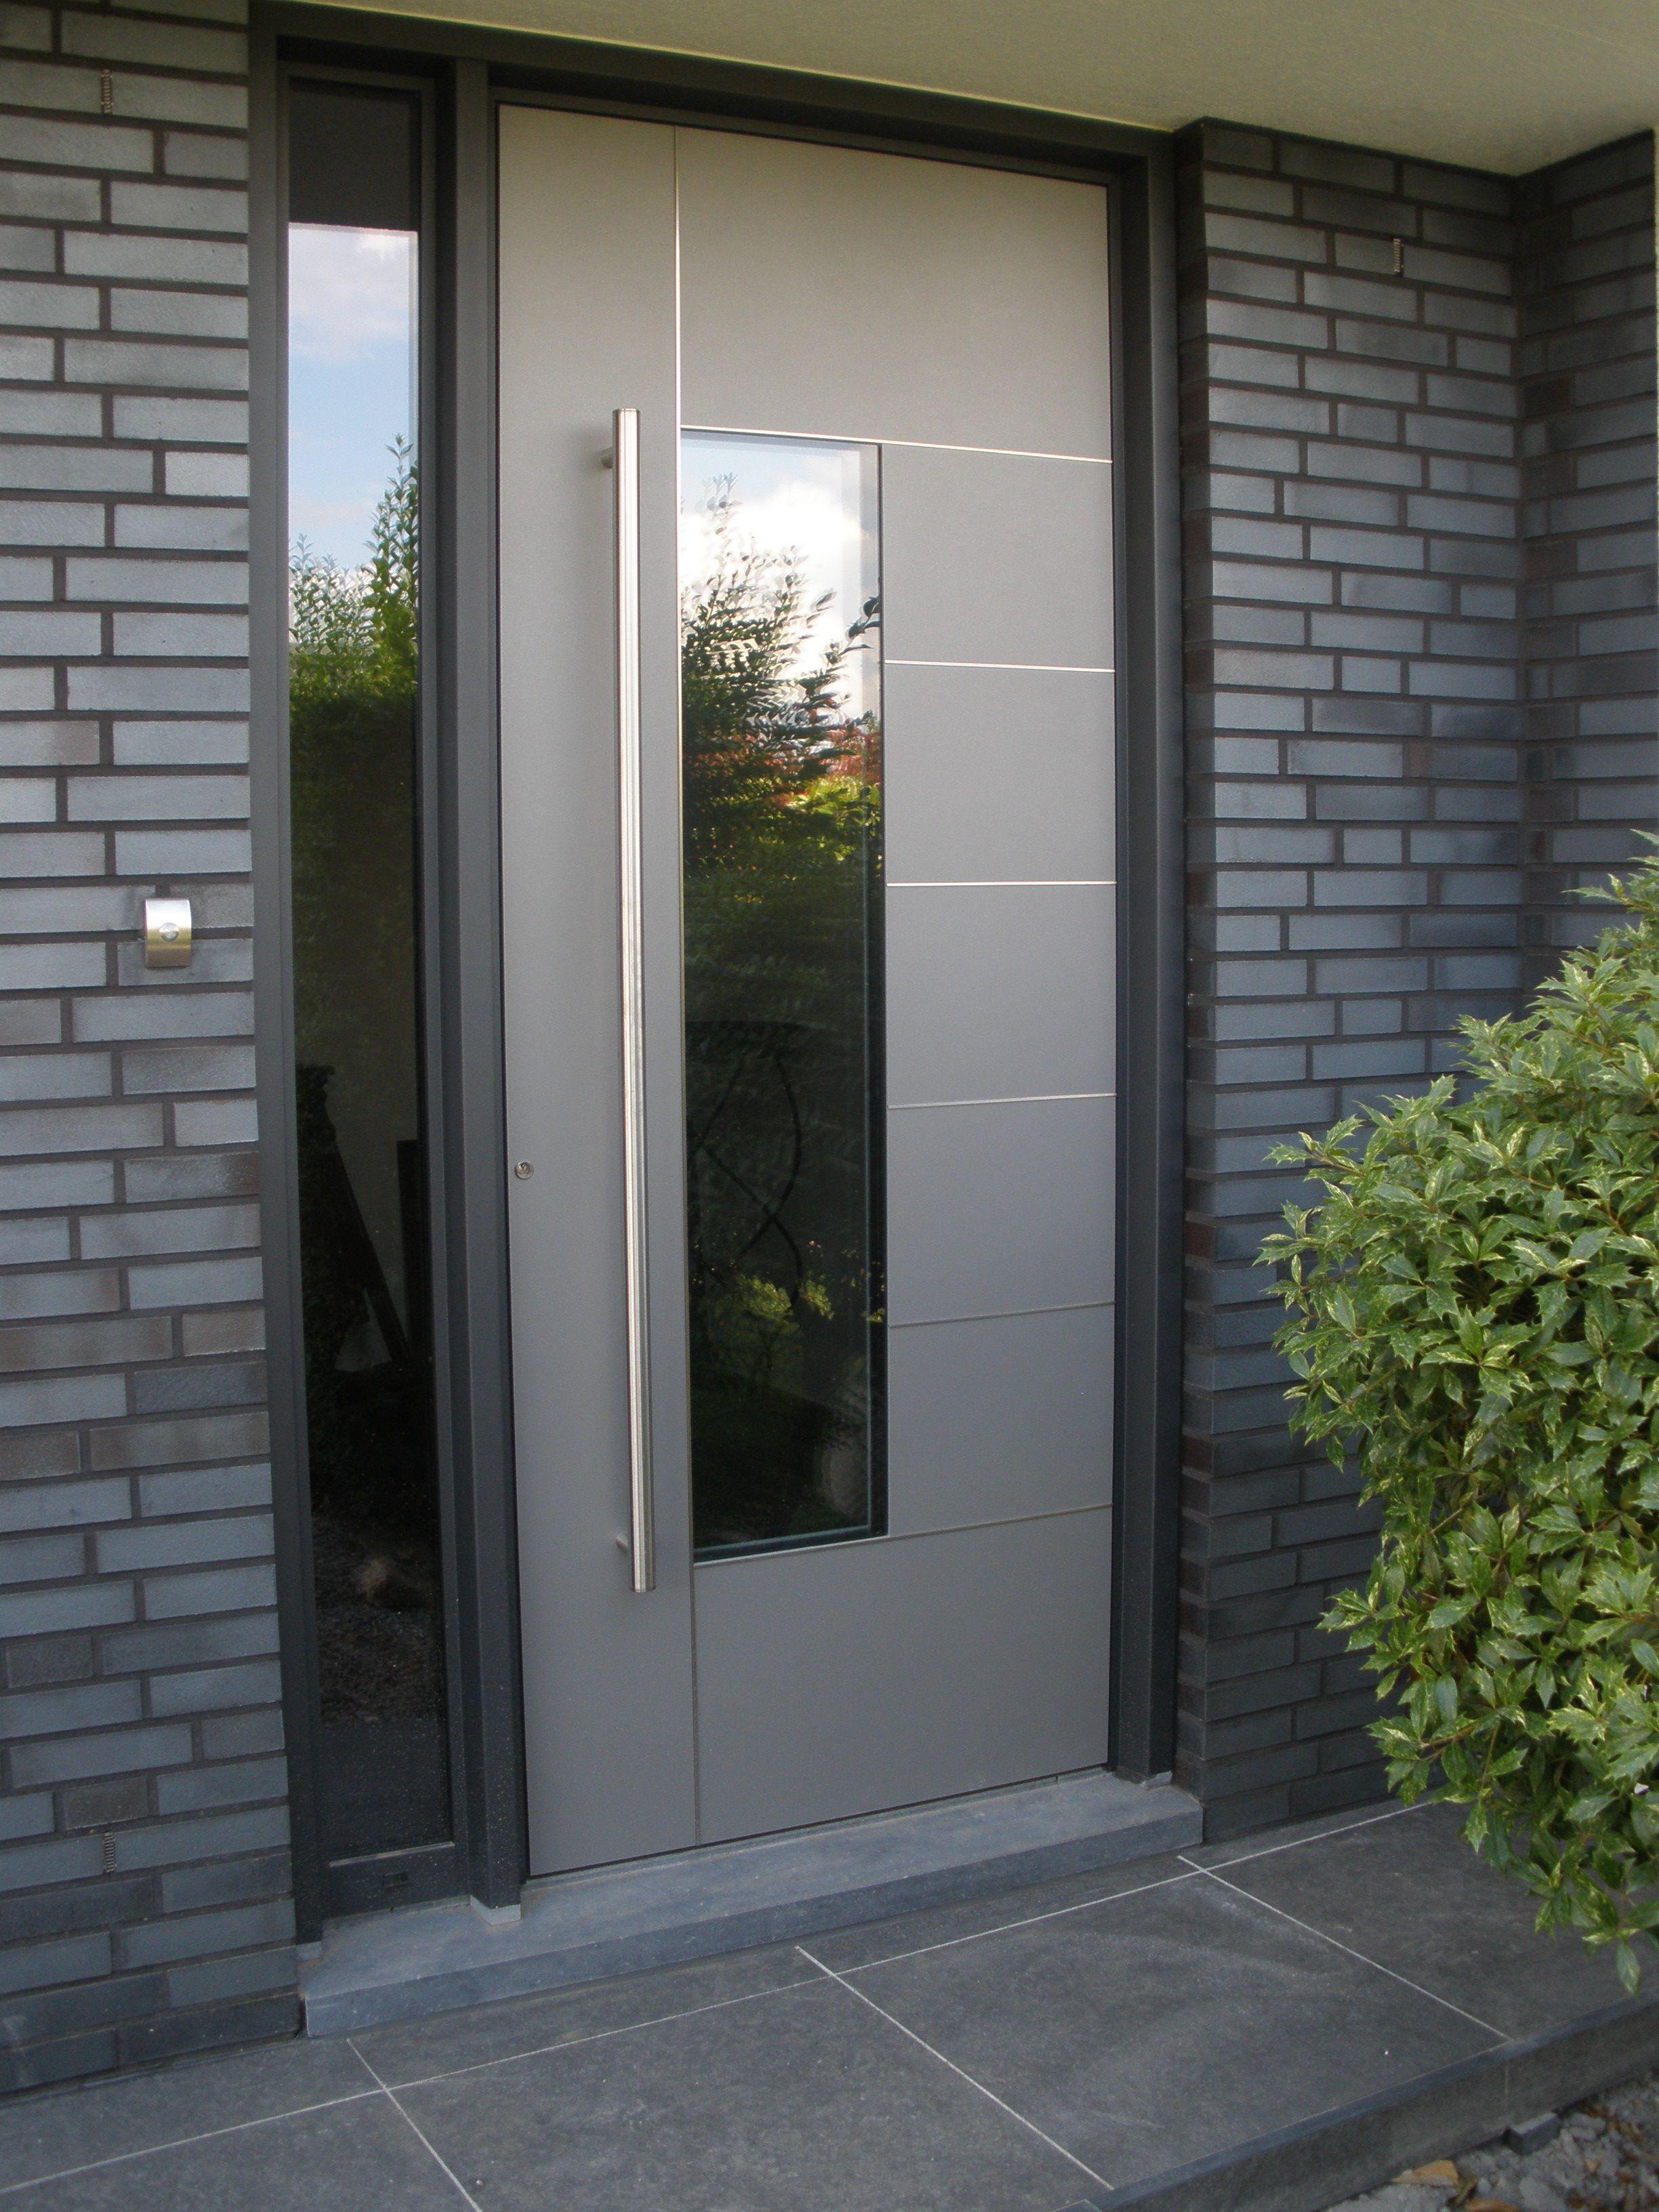 Voordeur kura adeco caverro aluminium vleugeloverdekkend for Contemporary front doors